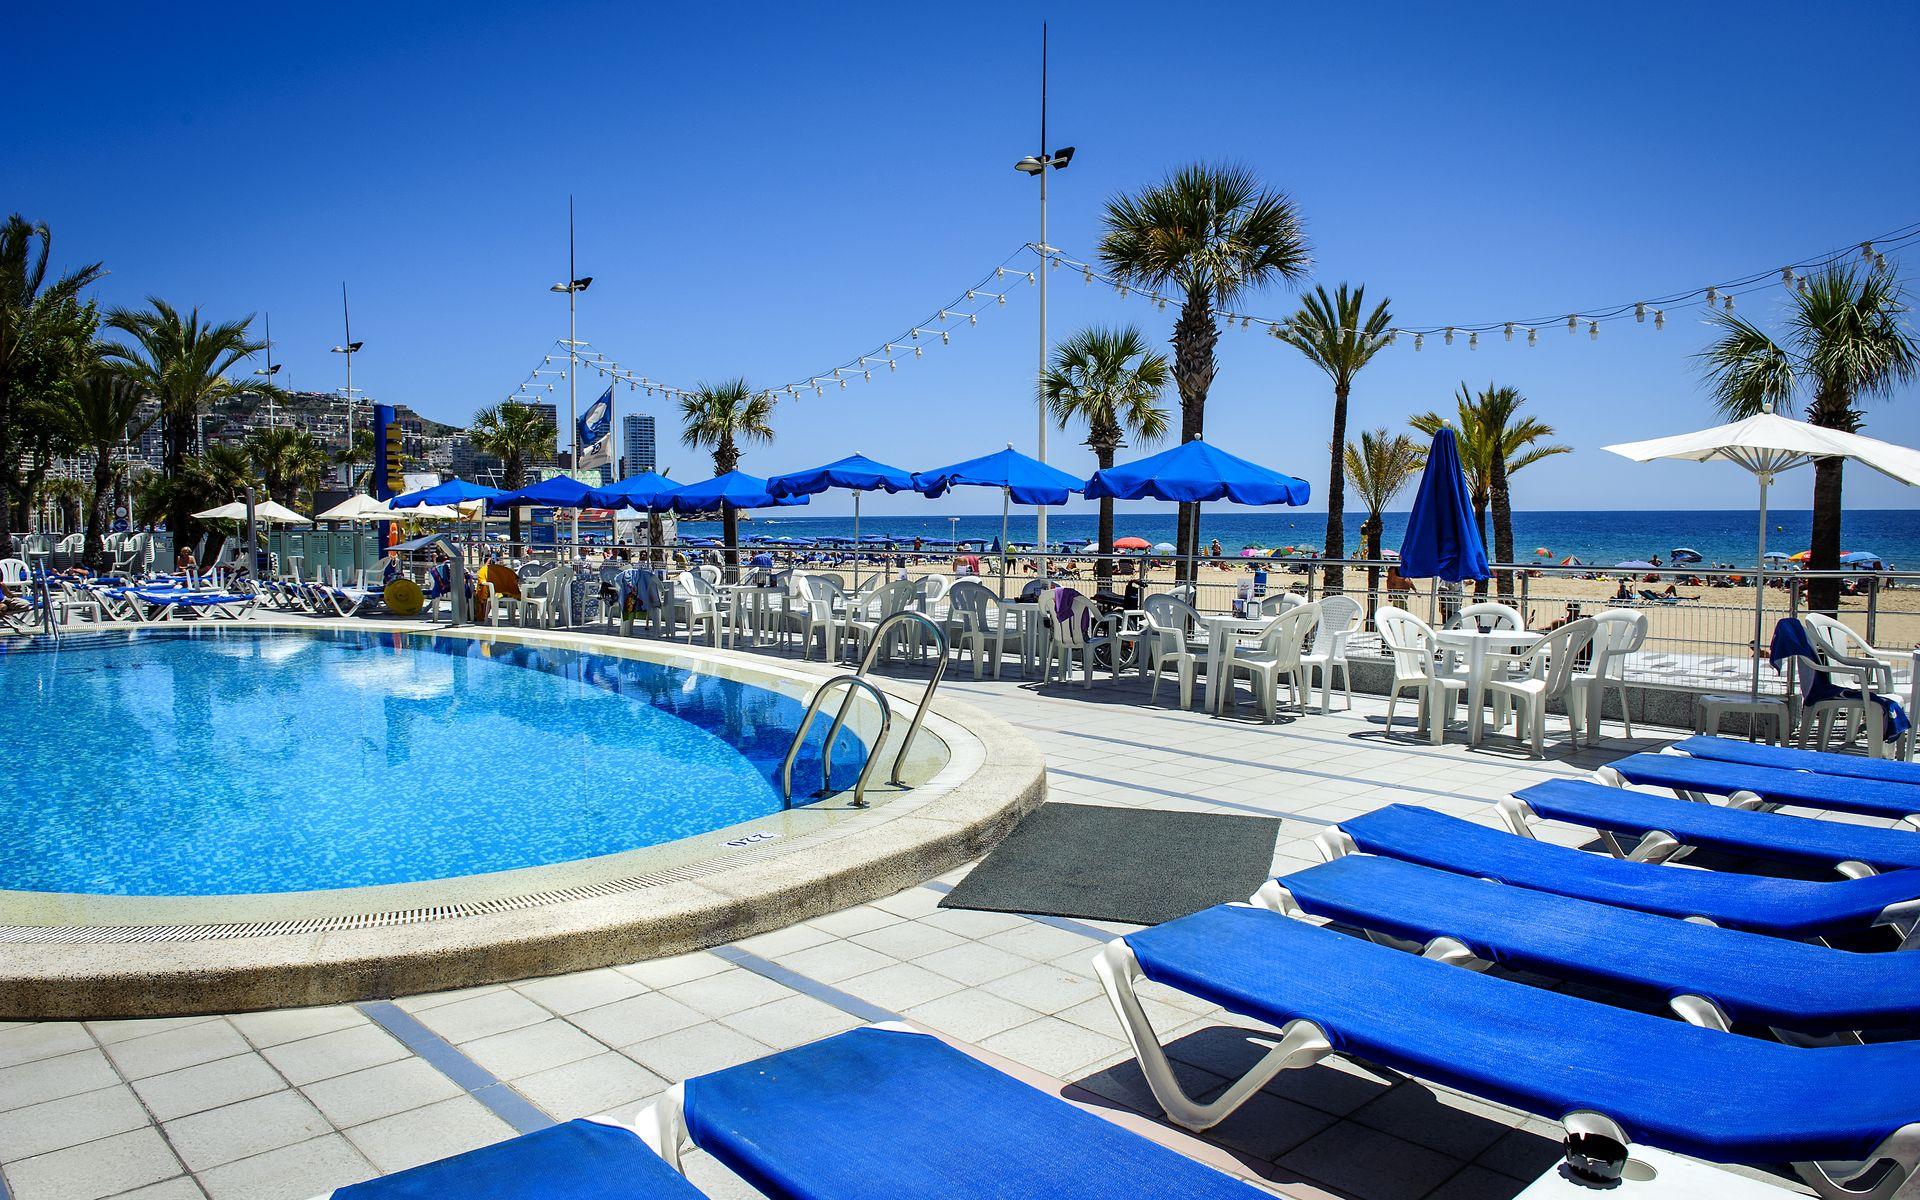 Hotel cimbel en benidorm costa blanca desde 37 for Hoteles en benidorm con piscina climatizada